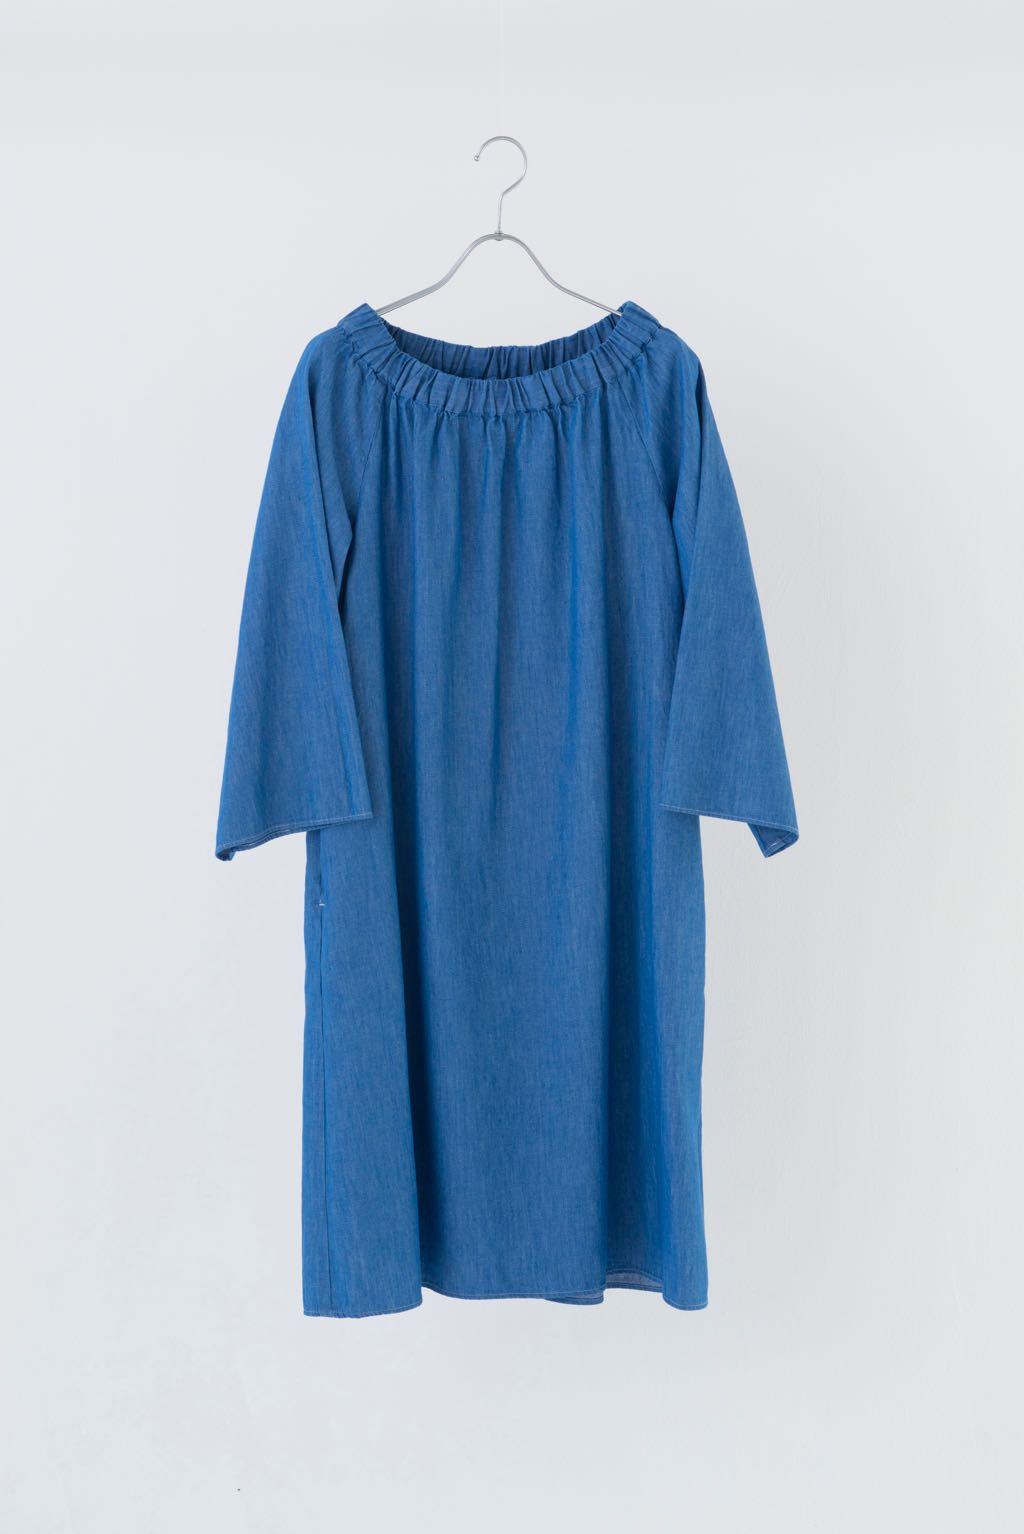 DENIM DRESS 175012 ¥19,000+tax